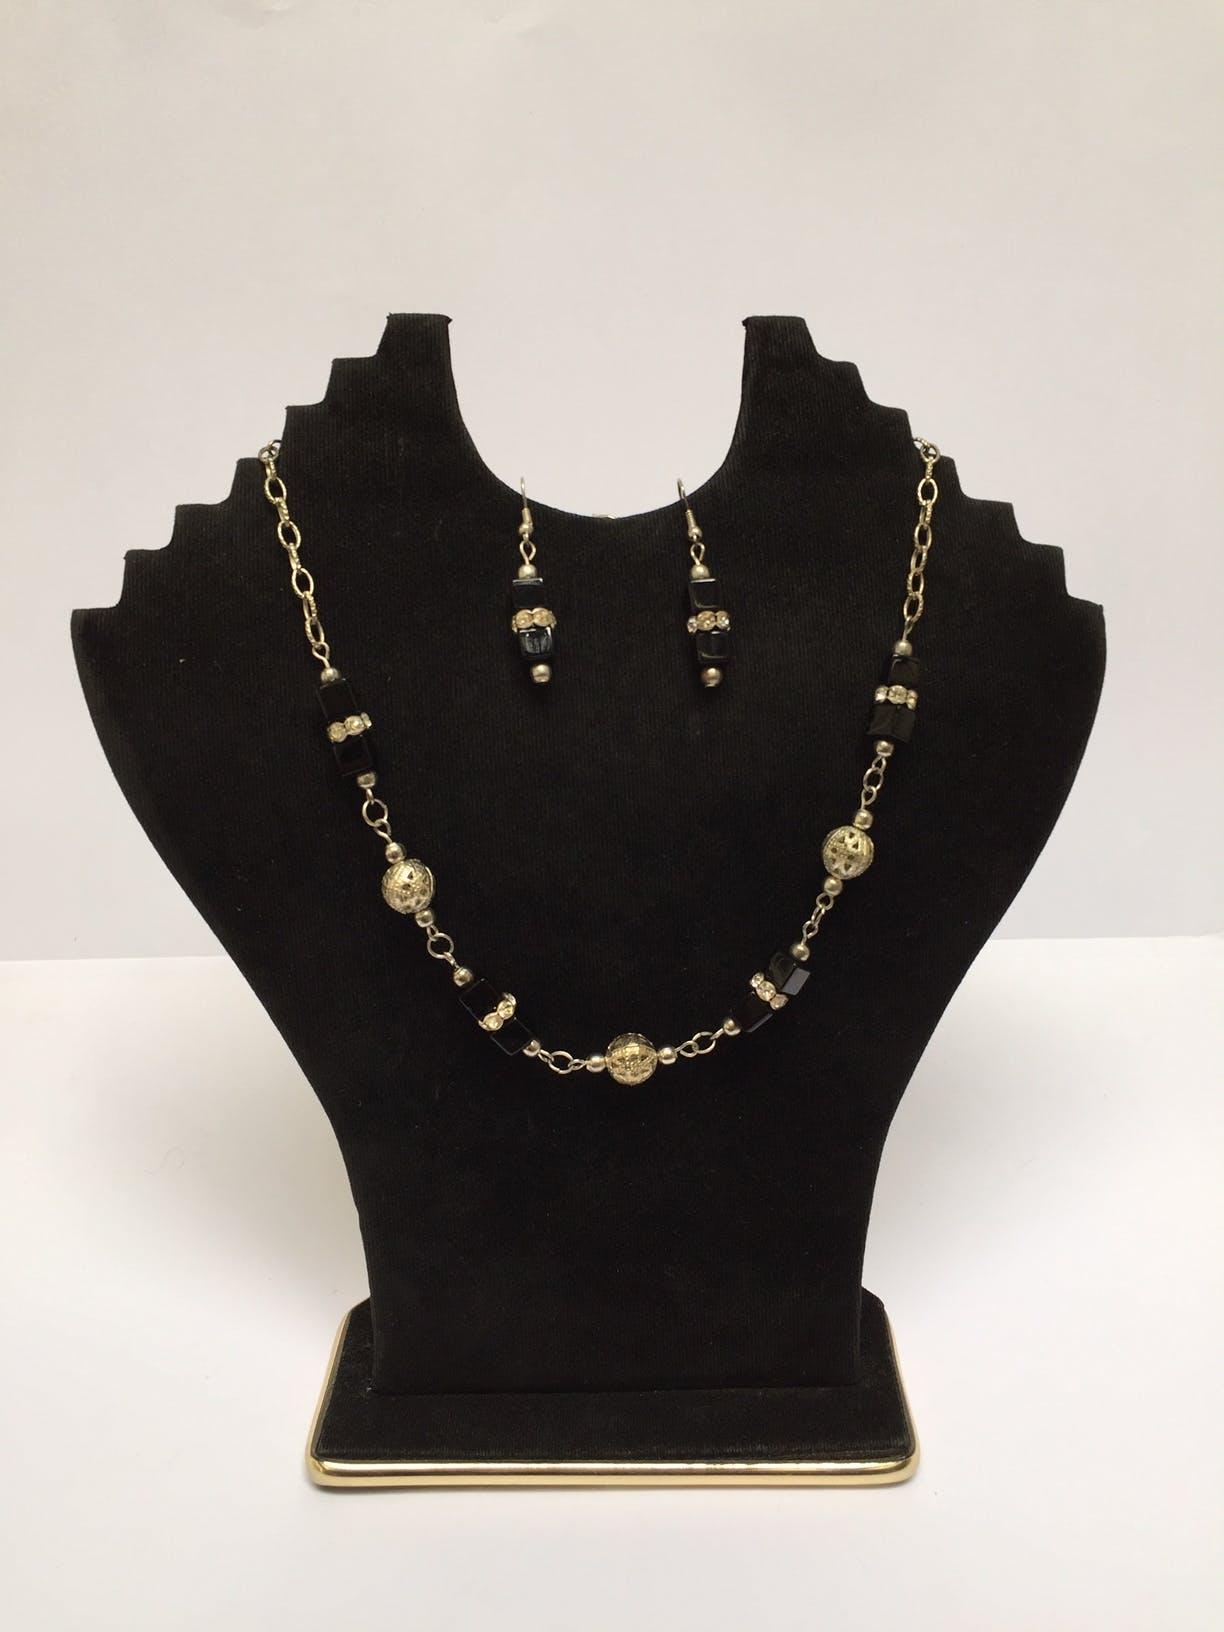 Collar de bolitas plateadas forradas en estilo filigrana con  piedras cúbicas negras y strass Circunferencia: 44 cm